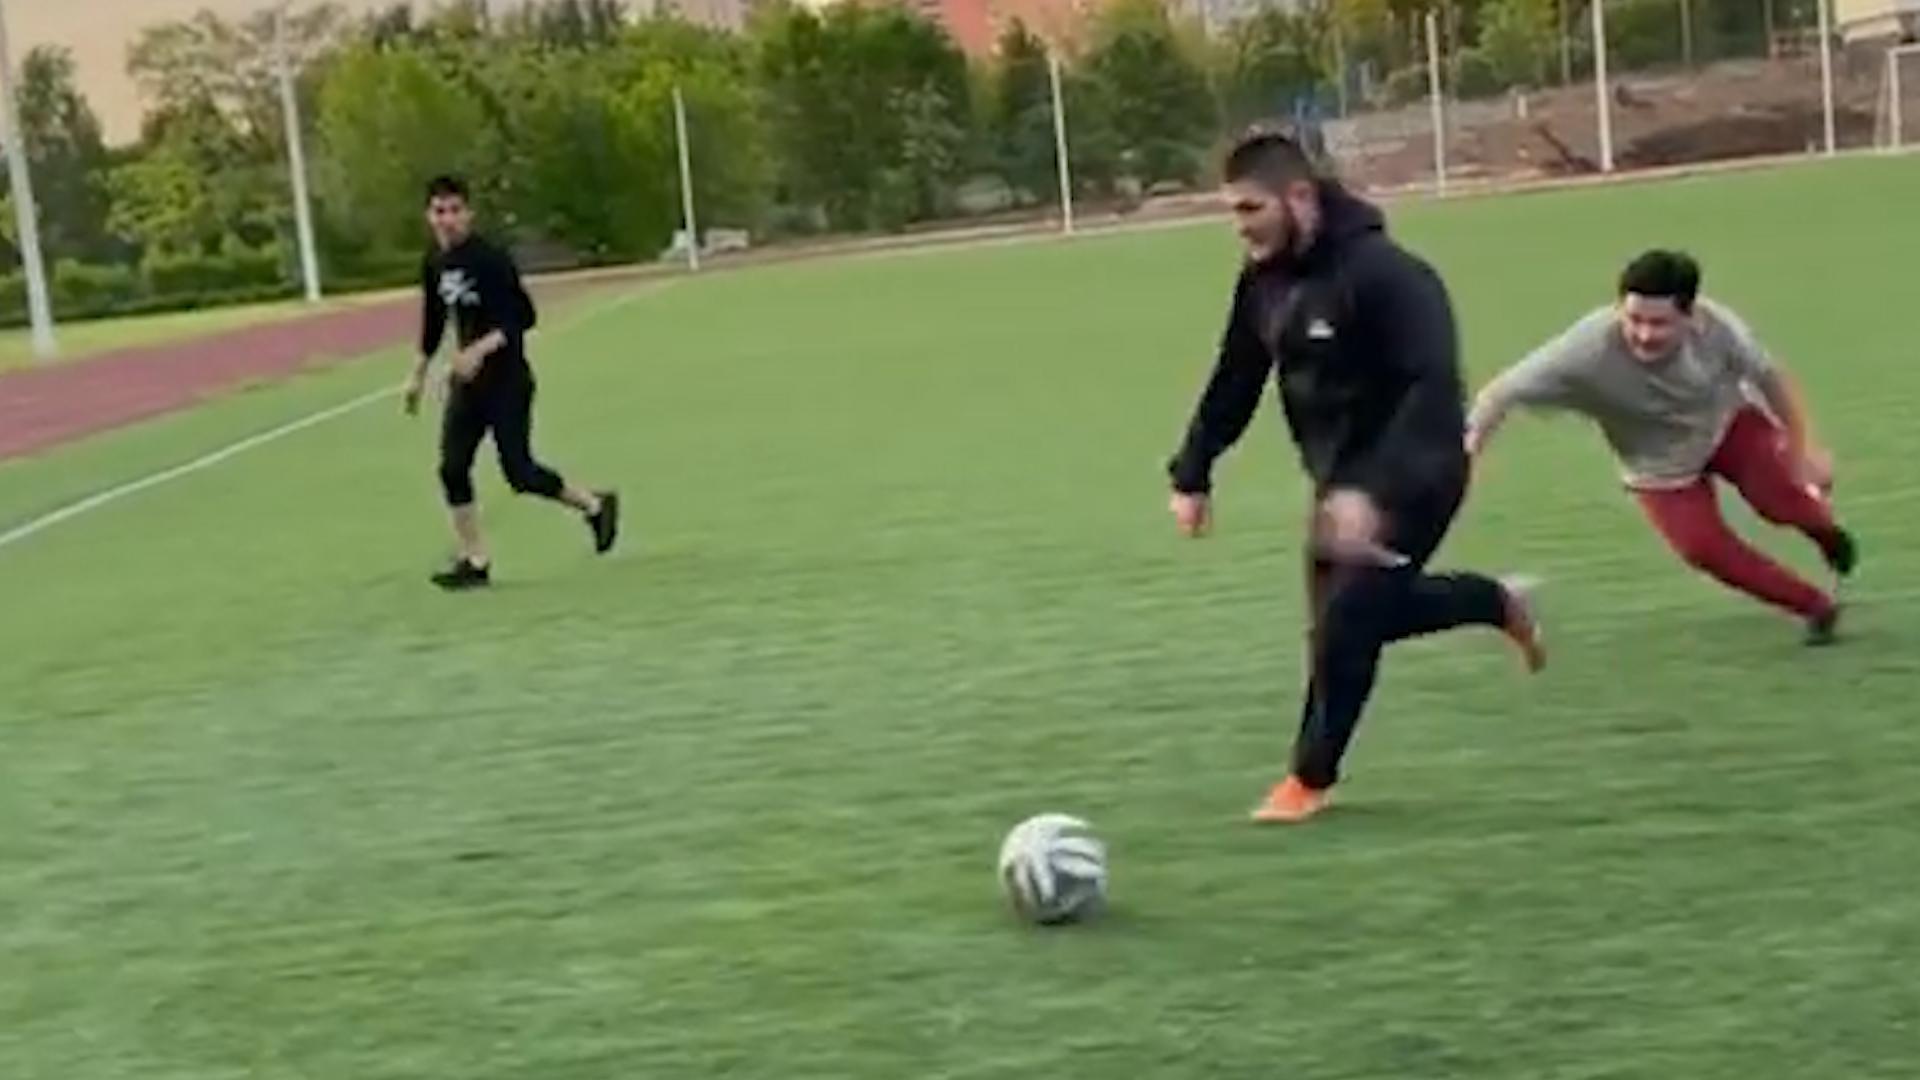 'Борцы всегда неплохо играли': Тренеры высказались о перспективах футбольной карьеры Хабиба